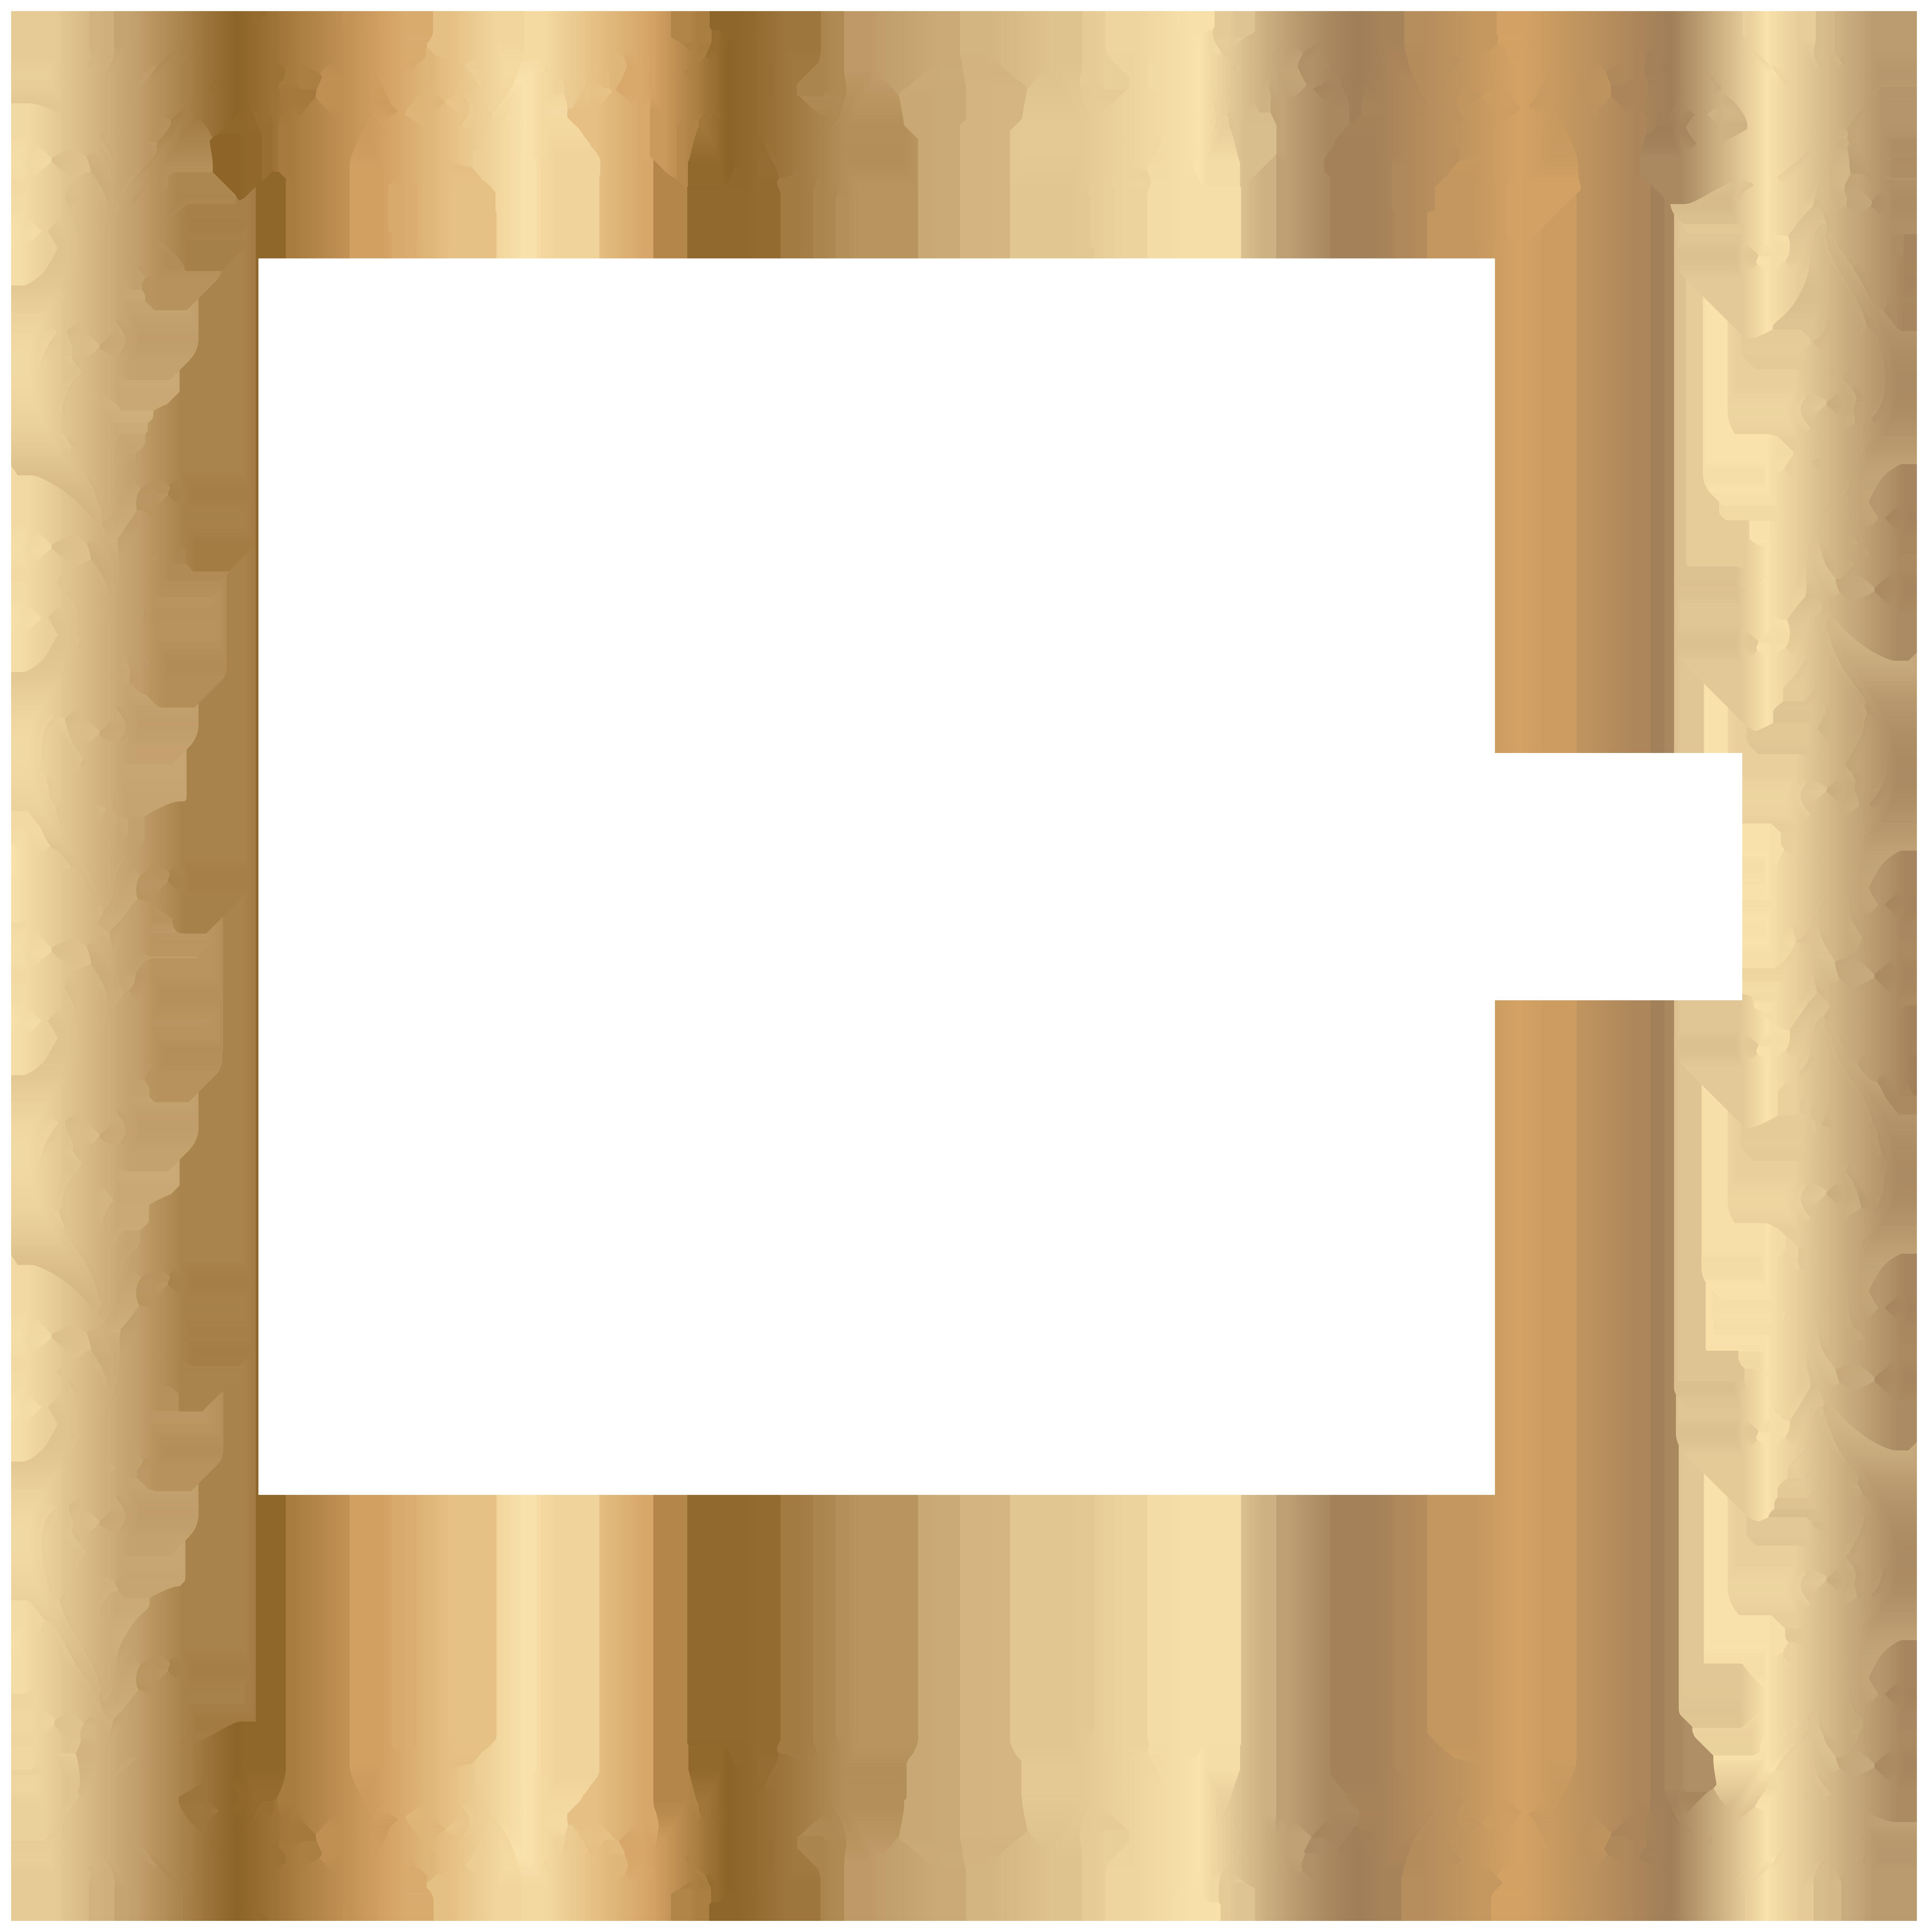 Border Deco Frame Gold Transparent PNG Image.